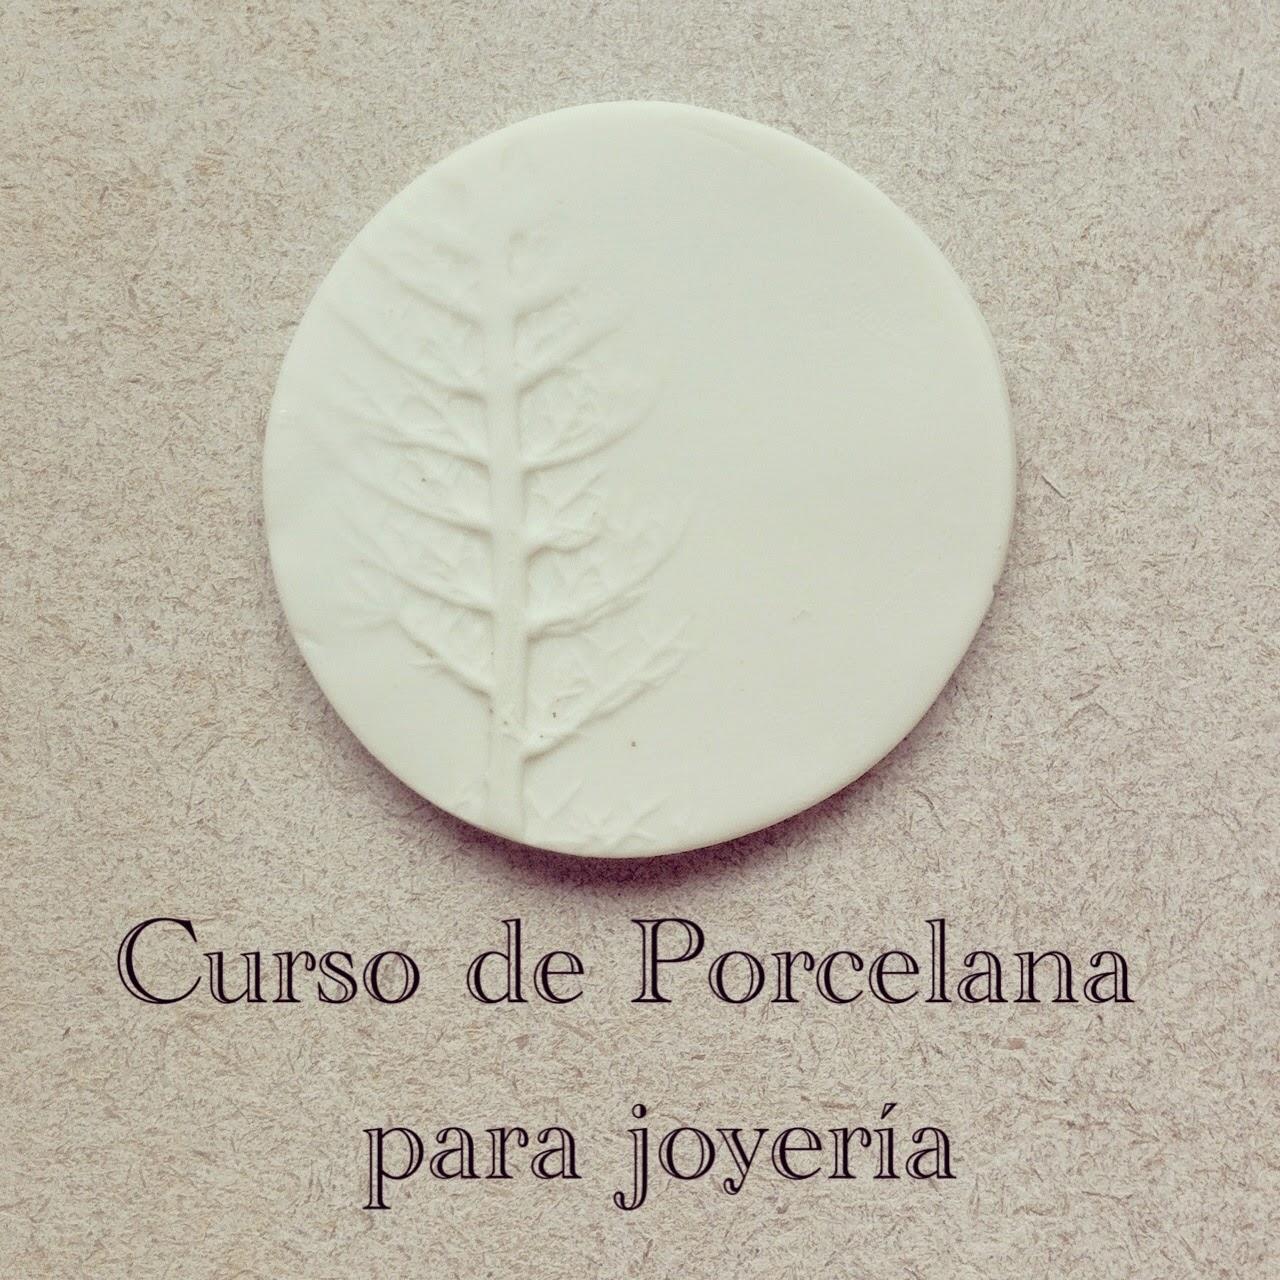 Blog marphil curso de porcelana para joyer a for Curso de ceramica madrid